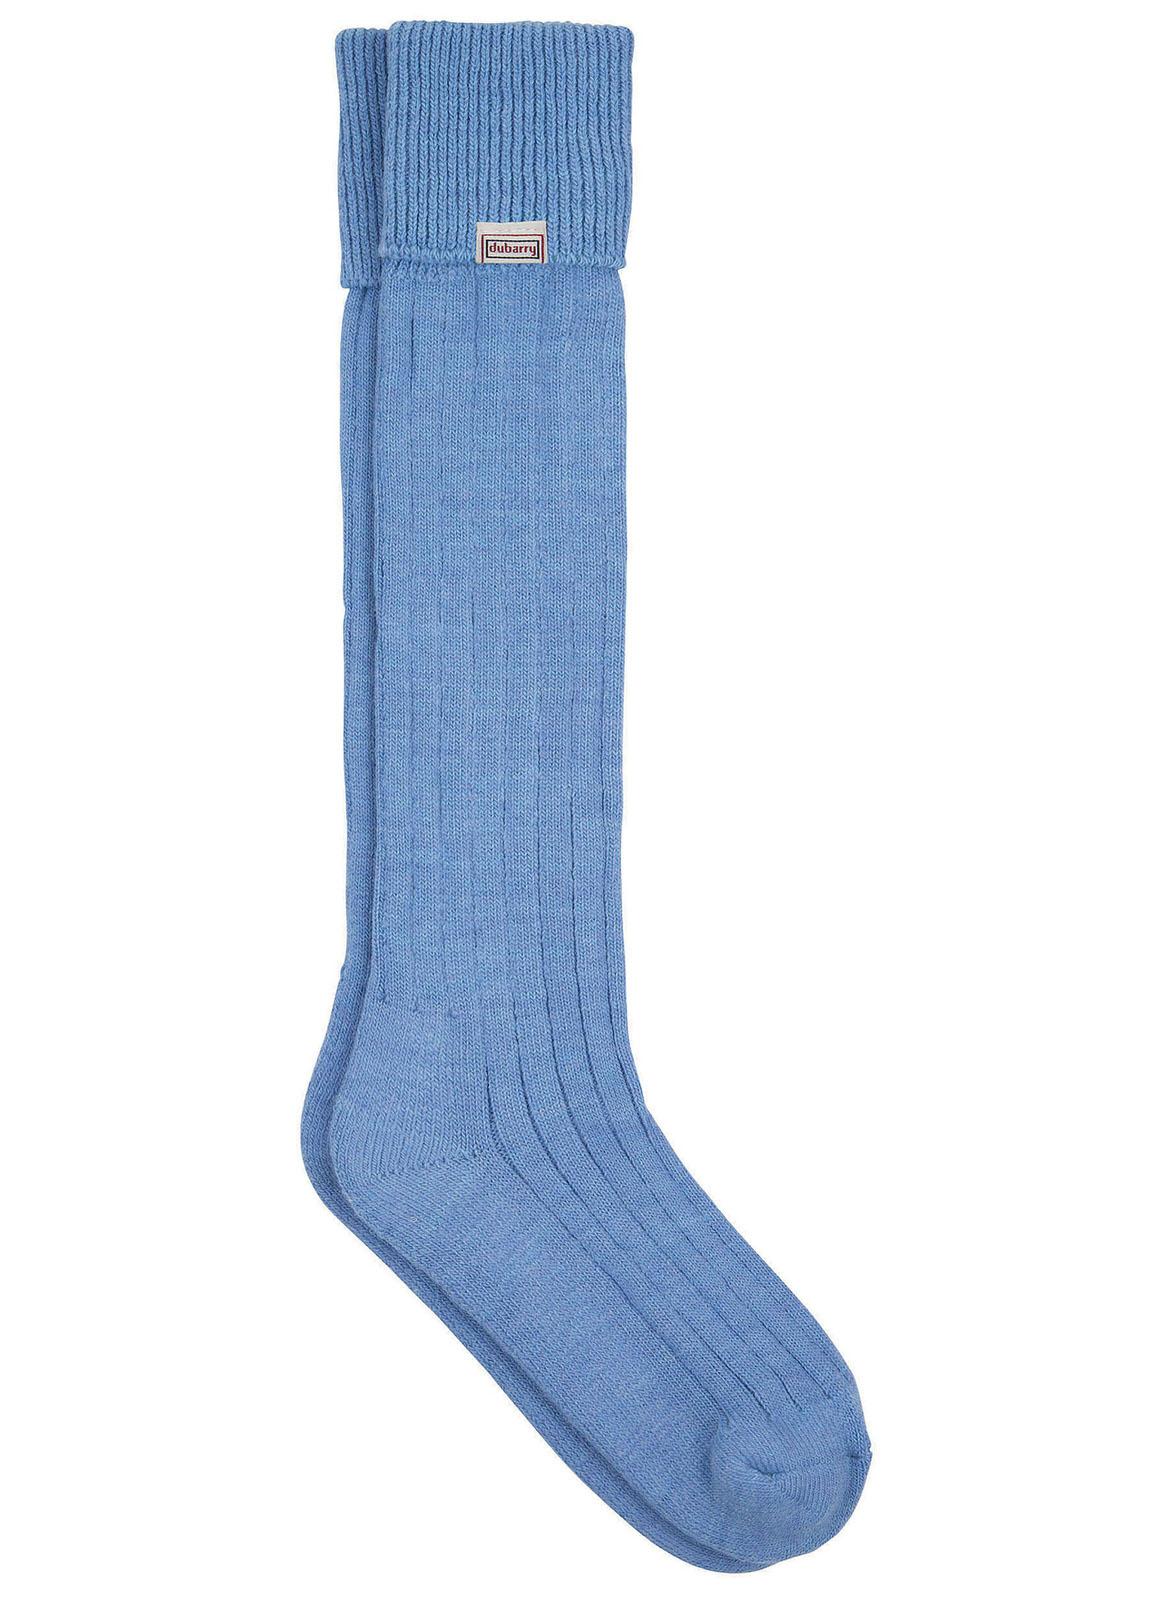 Alpaca_Socks_Blue_Image_1